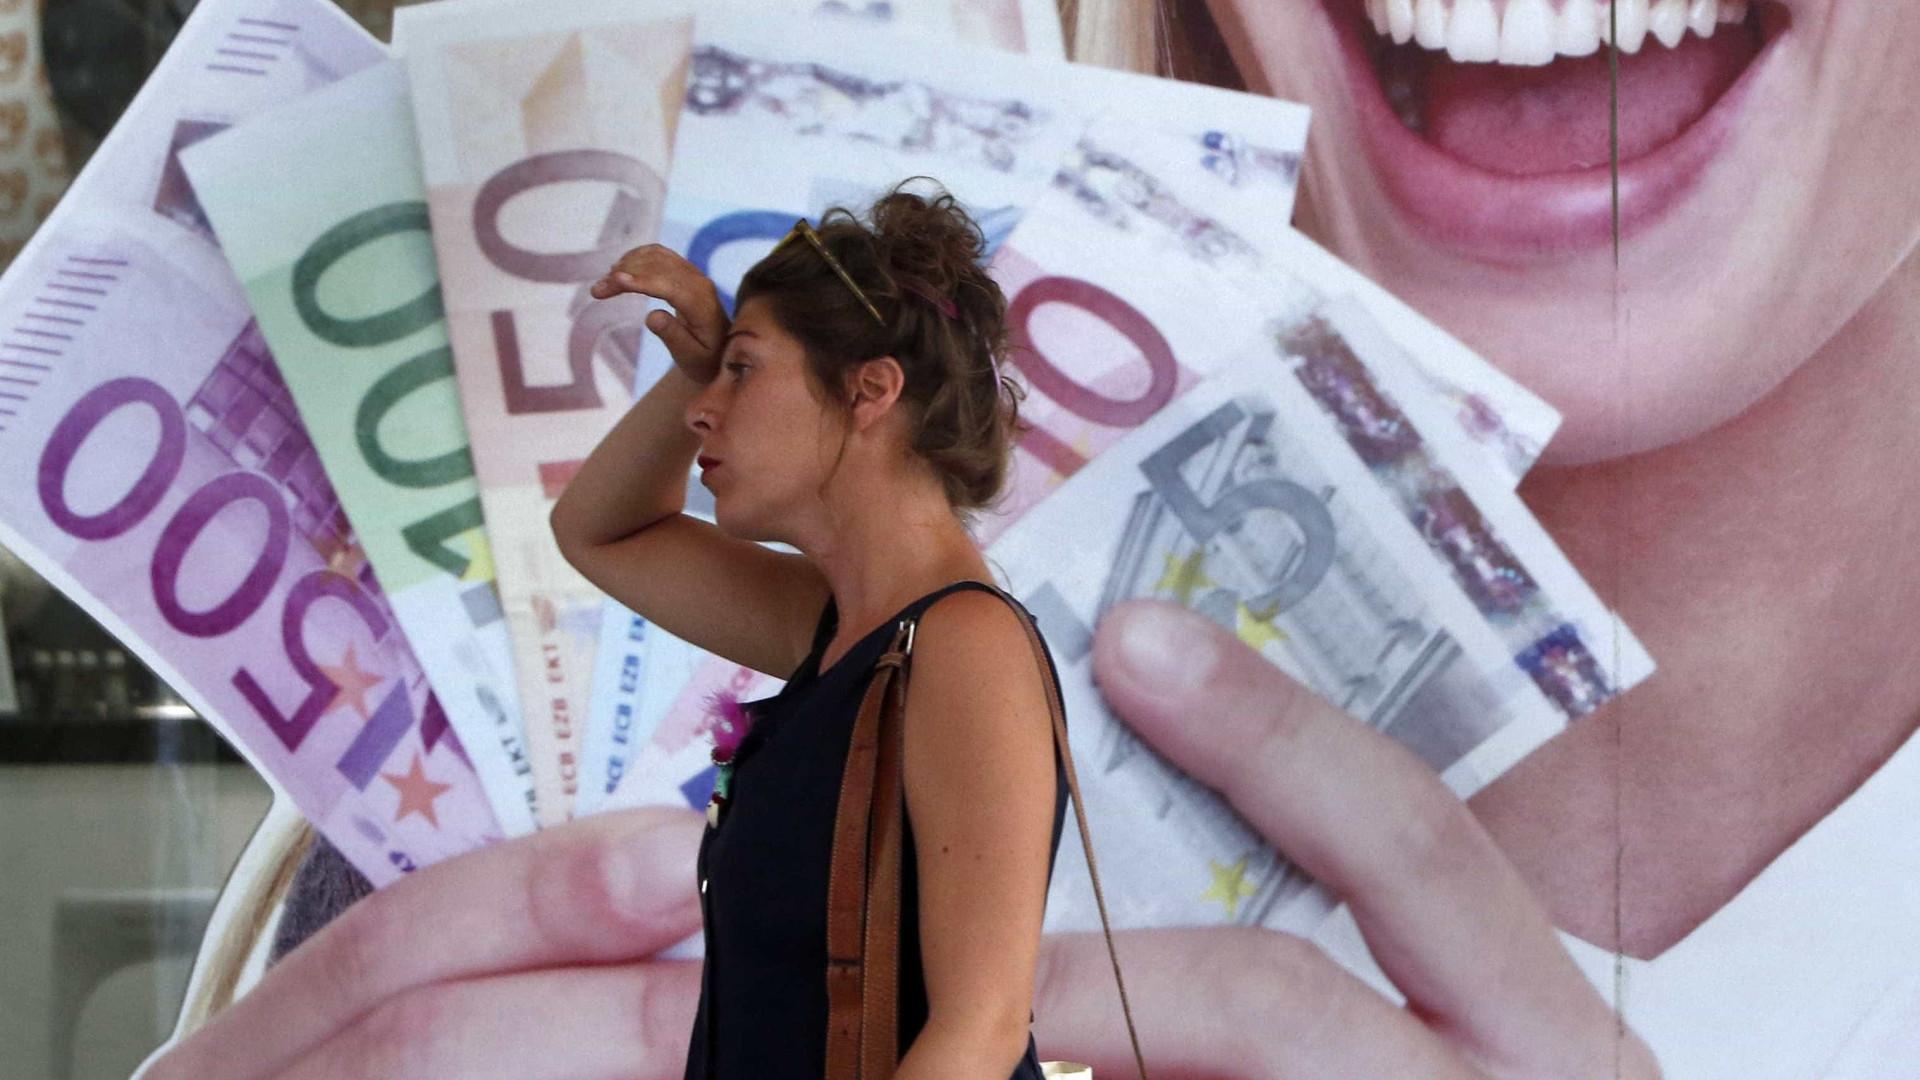 Há mais uma startup portuguesa nas luzes da ribalta: O ComparaJá